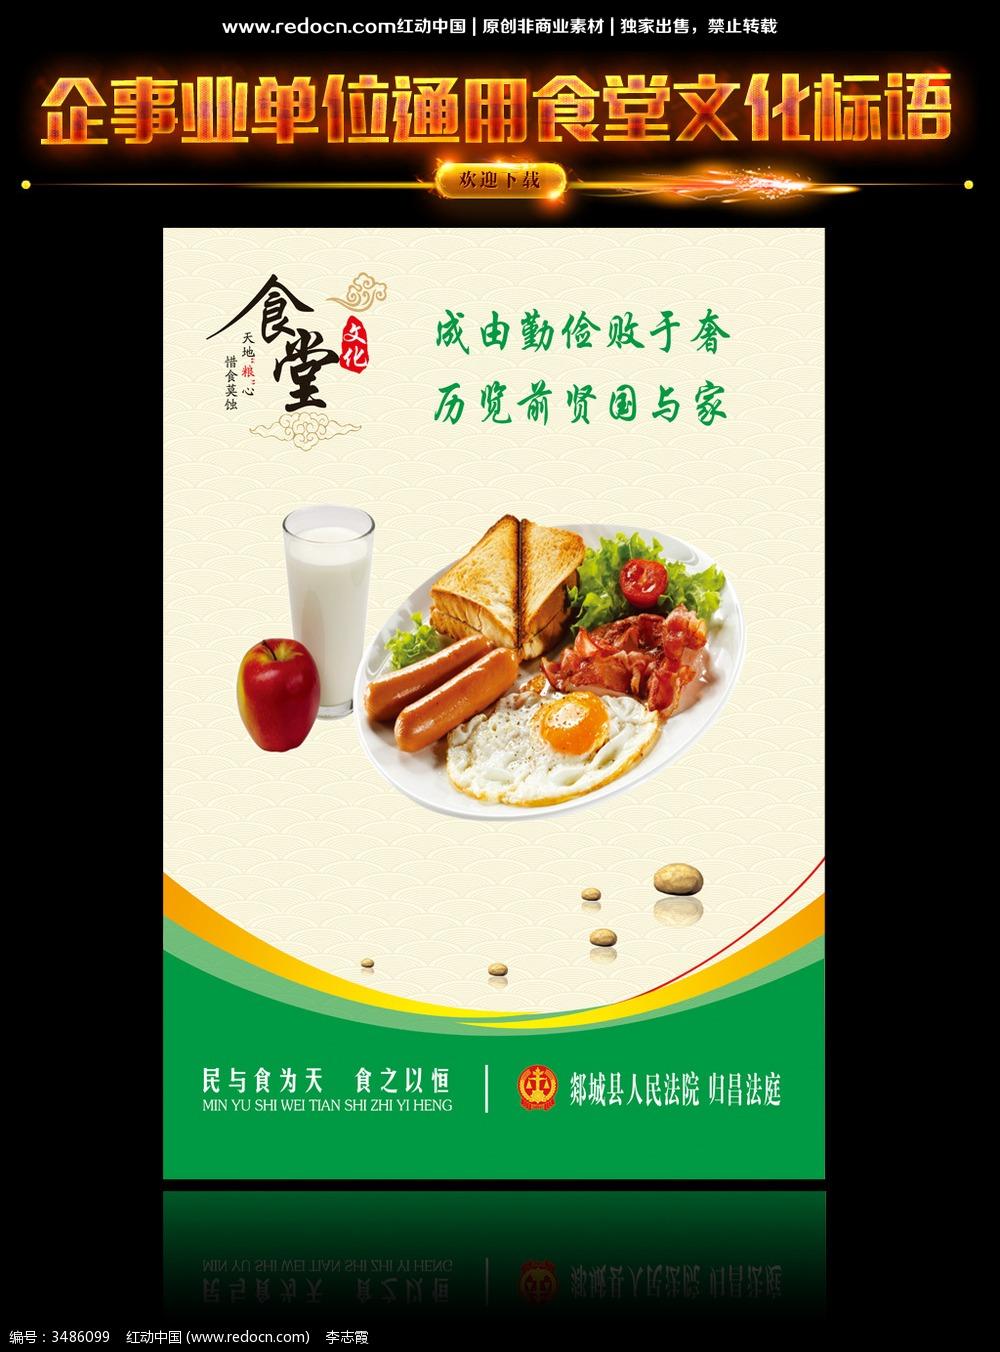 关于食堂的海报_面包牛奶海报食堂挂画餐饮海报模板下载图片